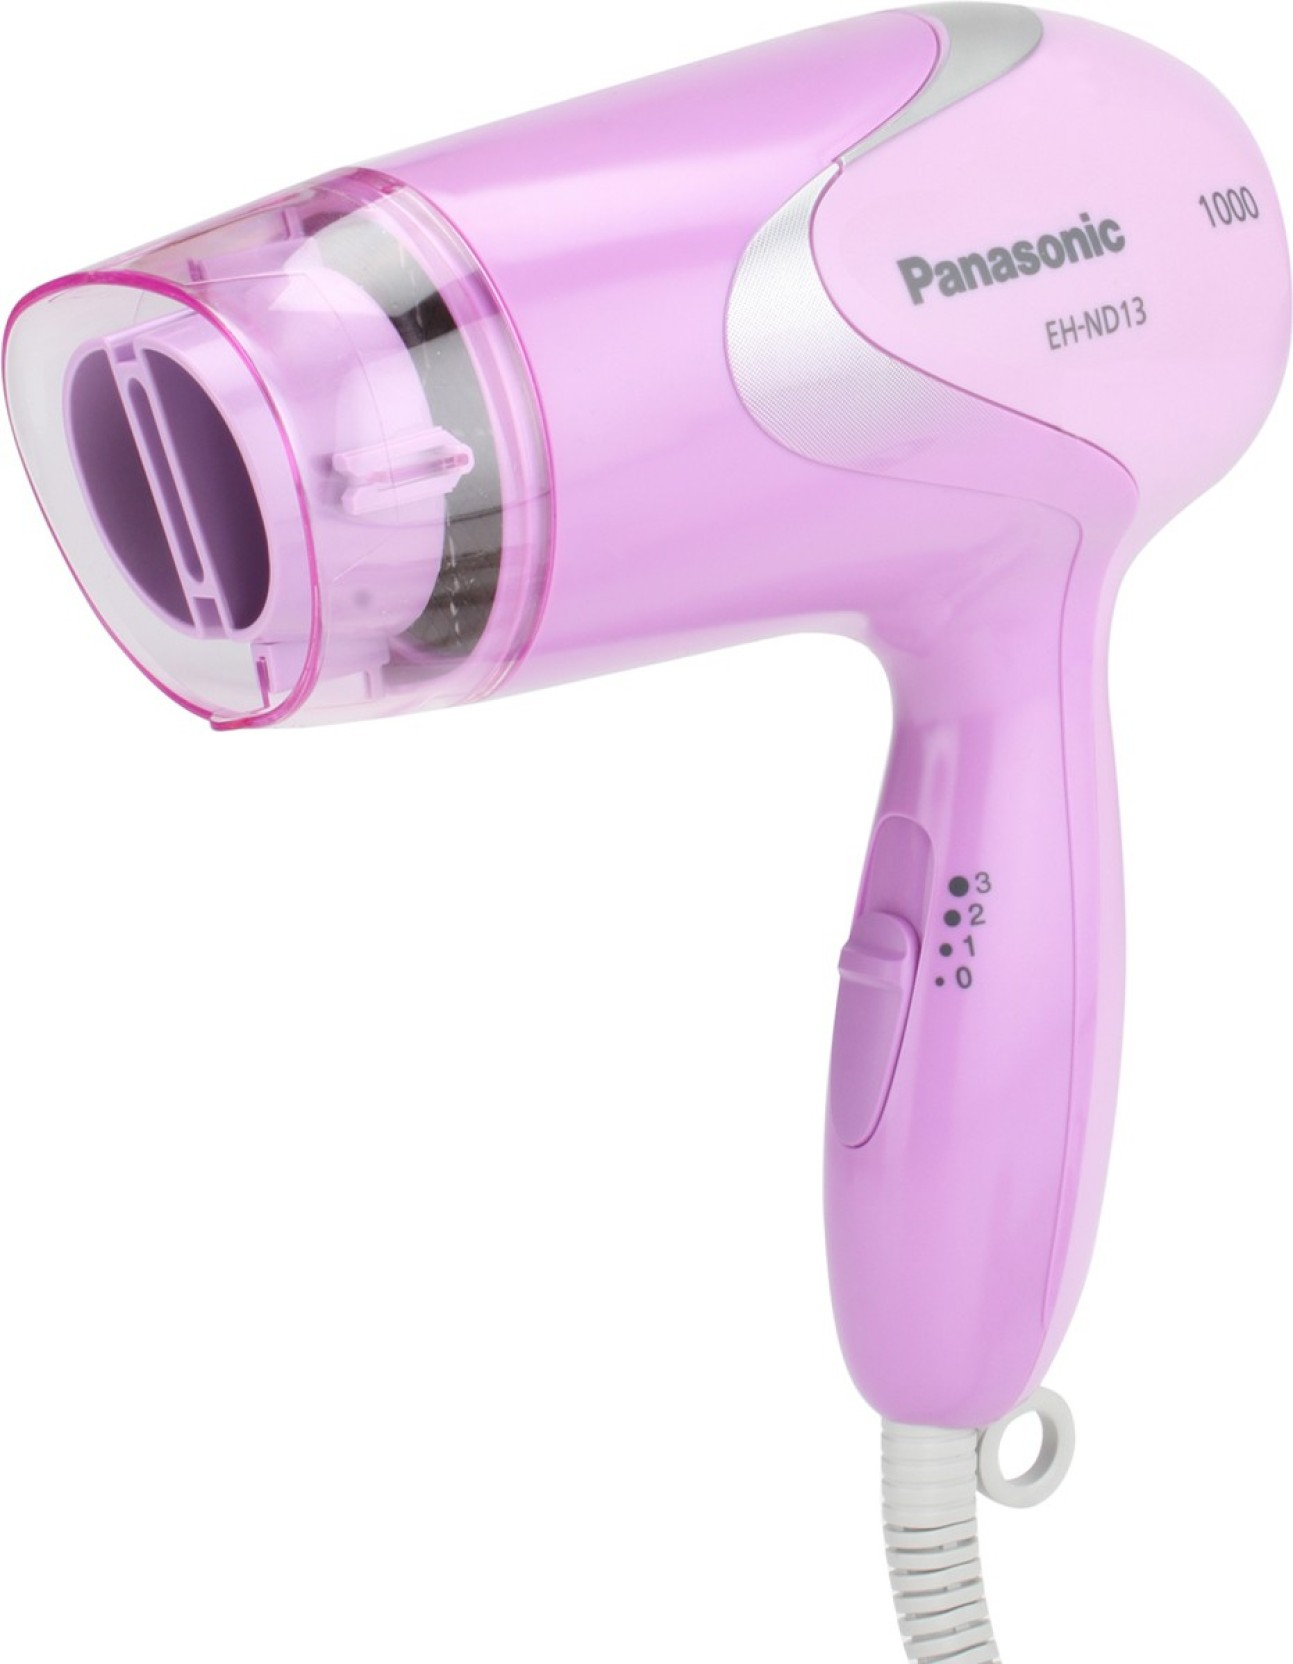 Panasonic EH ND13 V62B Hair Dryer